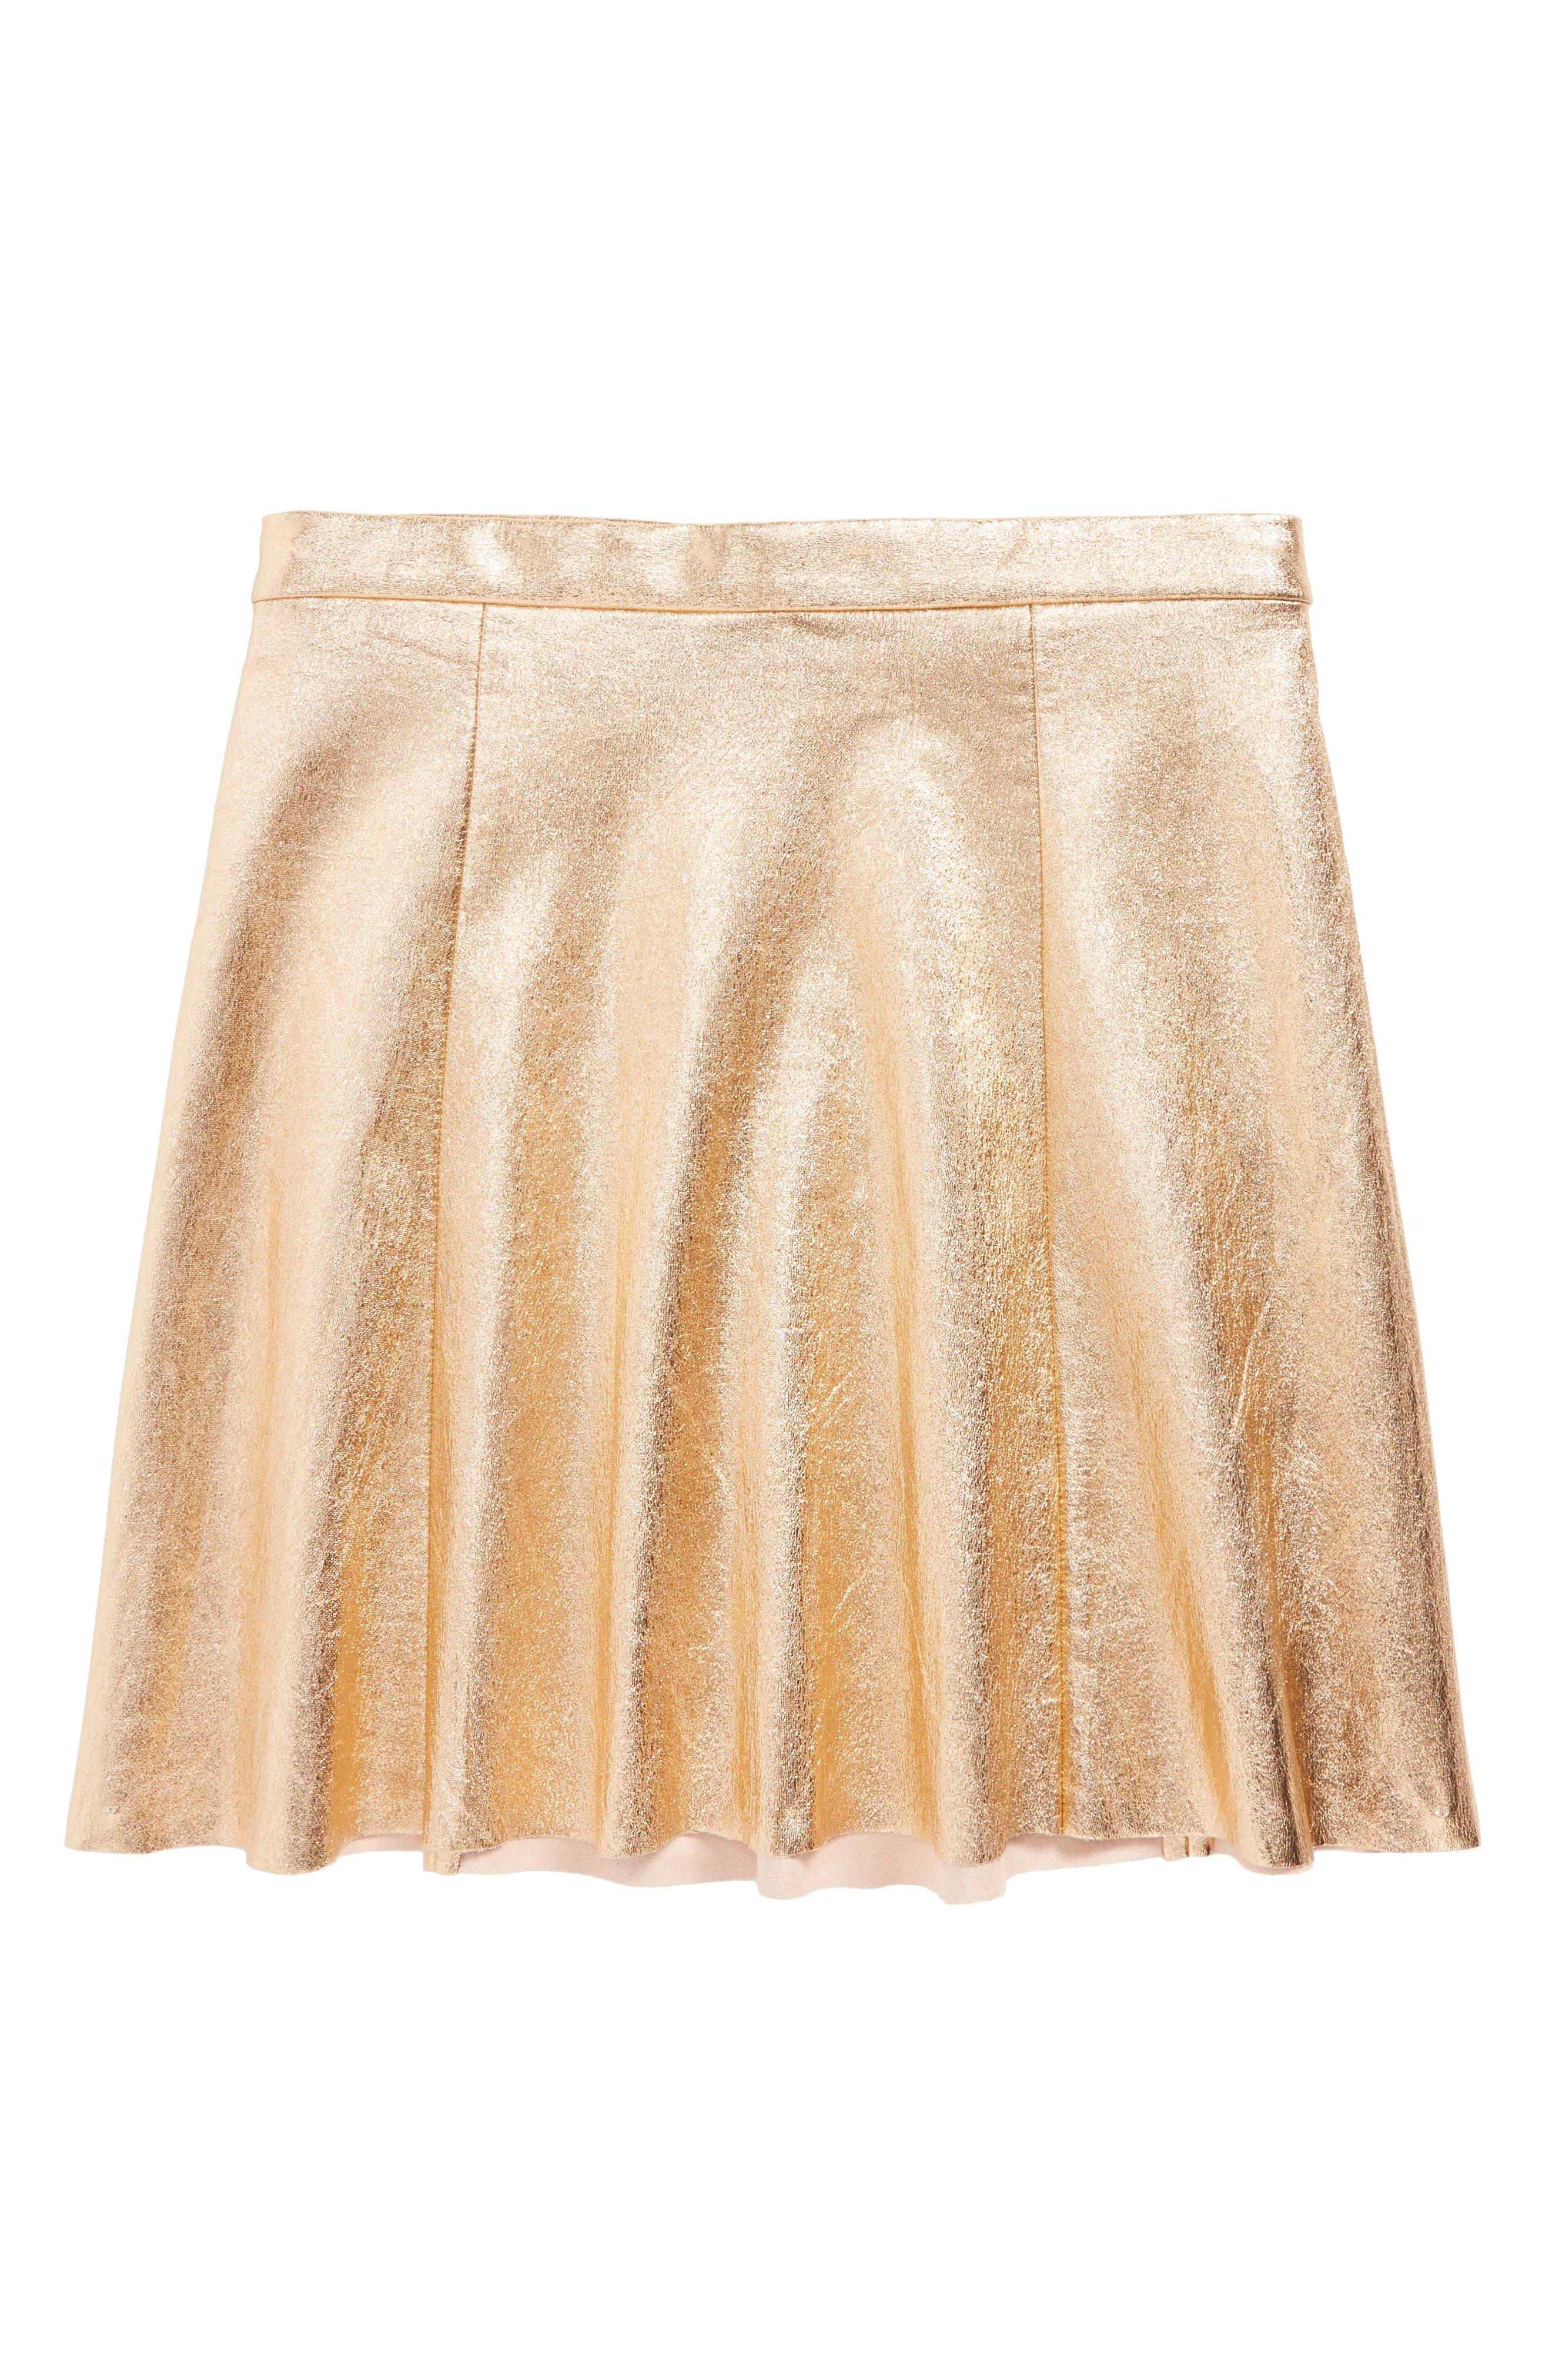 kate spade new york metallic skirt (Big Girls)